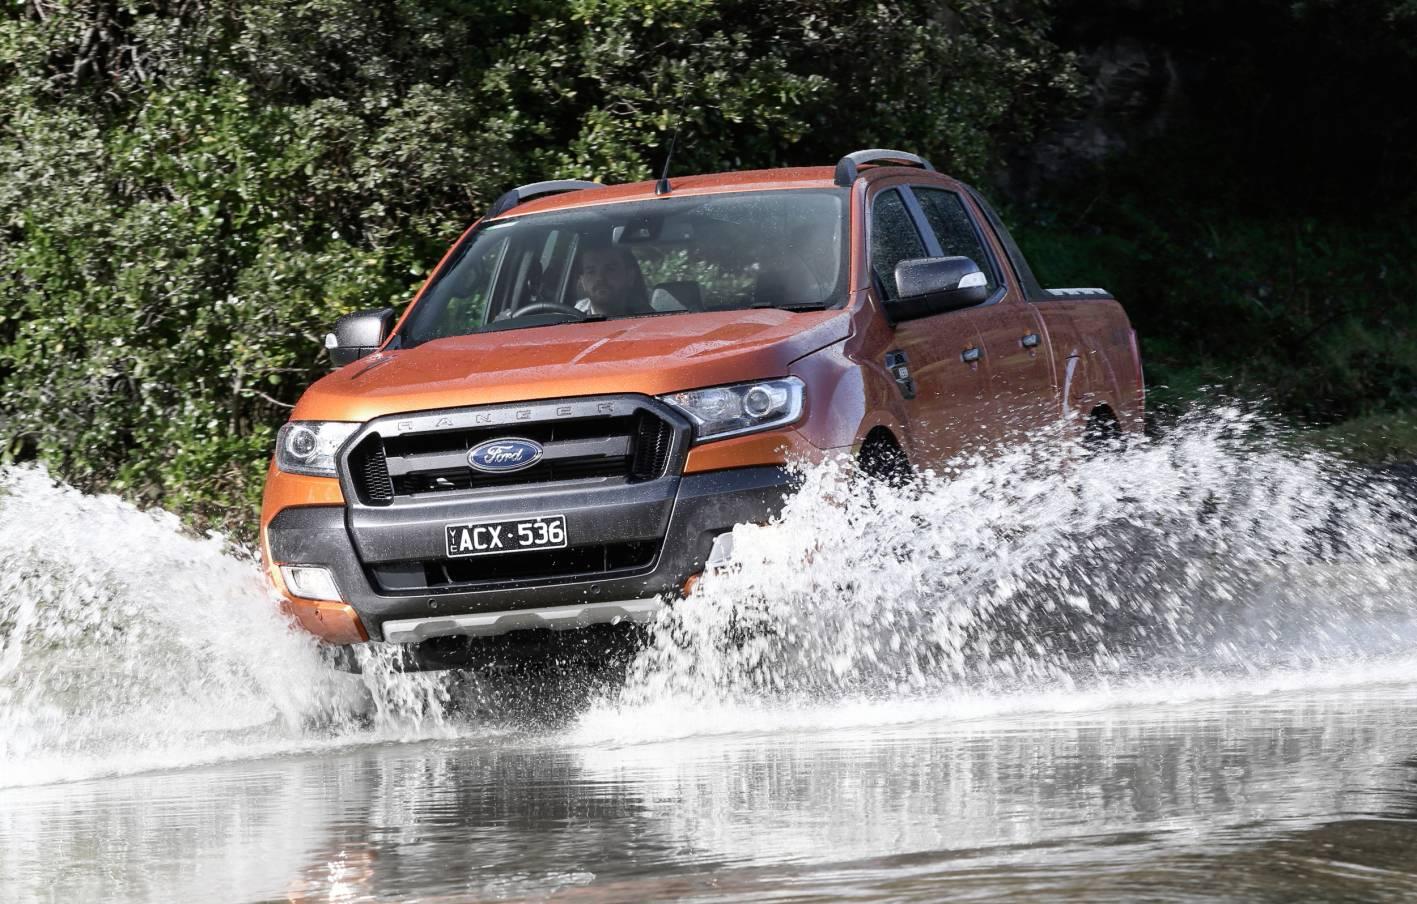 Ford ranger for sale in australia - 2016 Ford Ranger Wildtrak